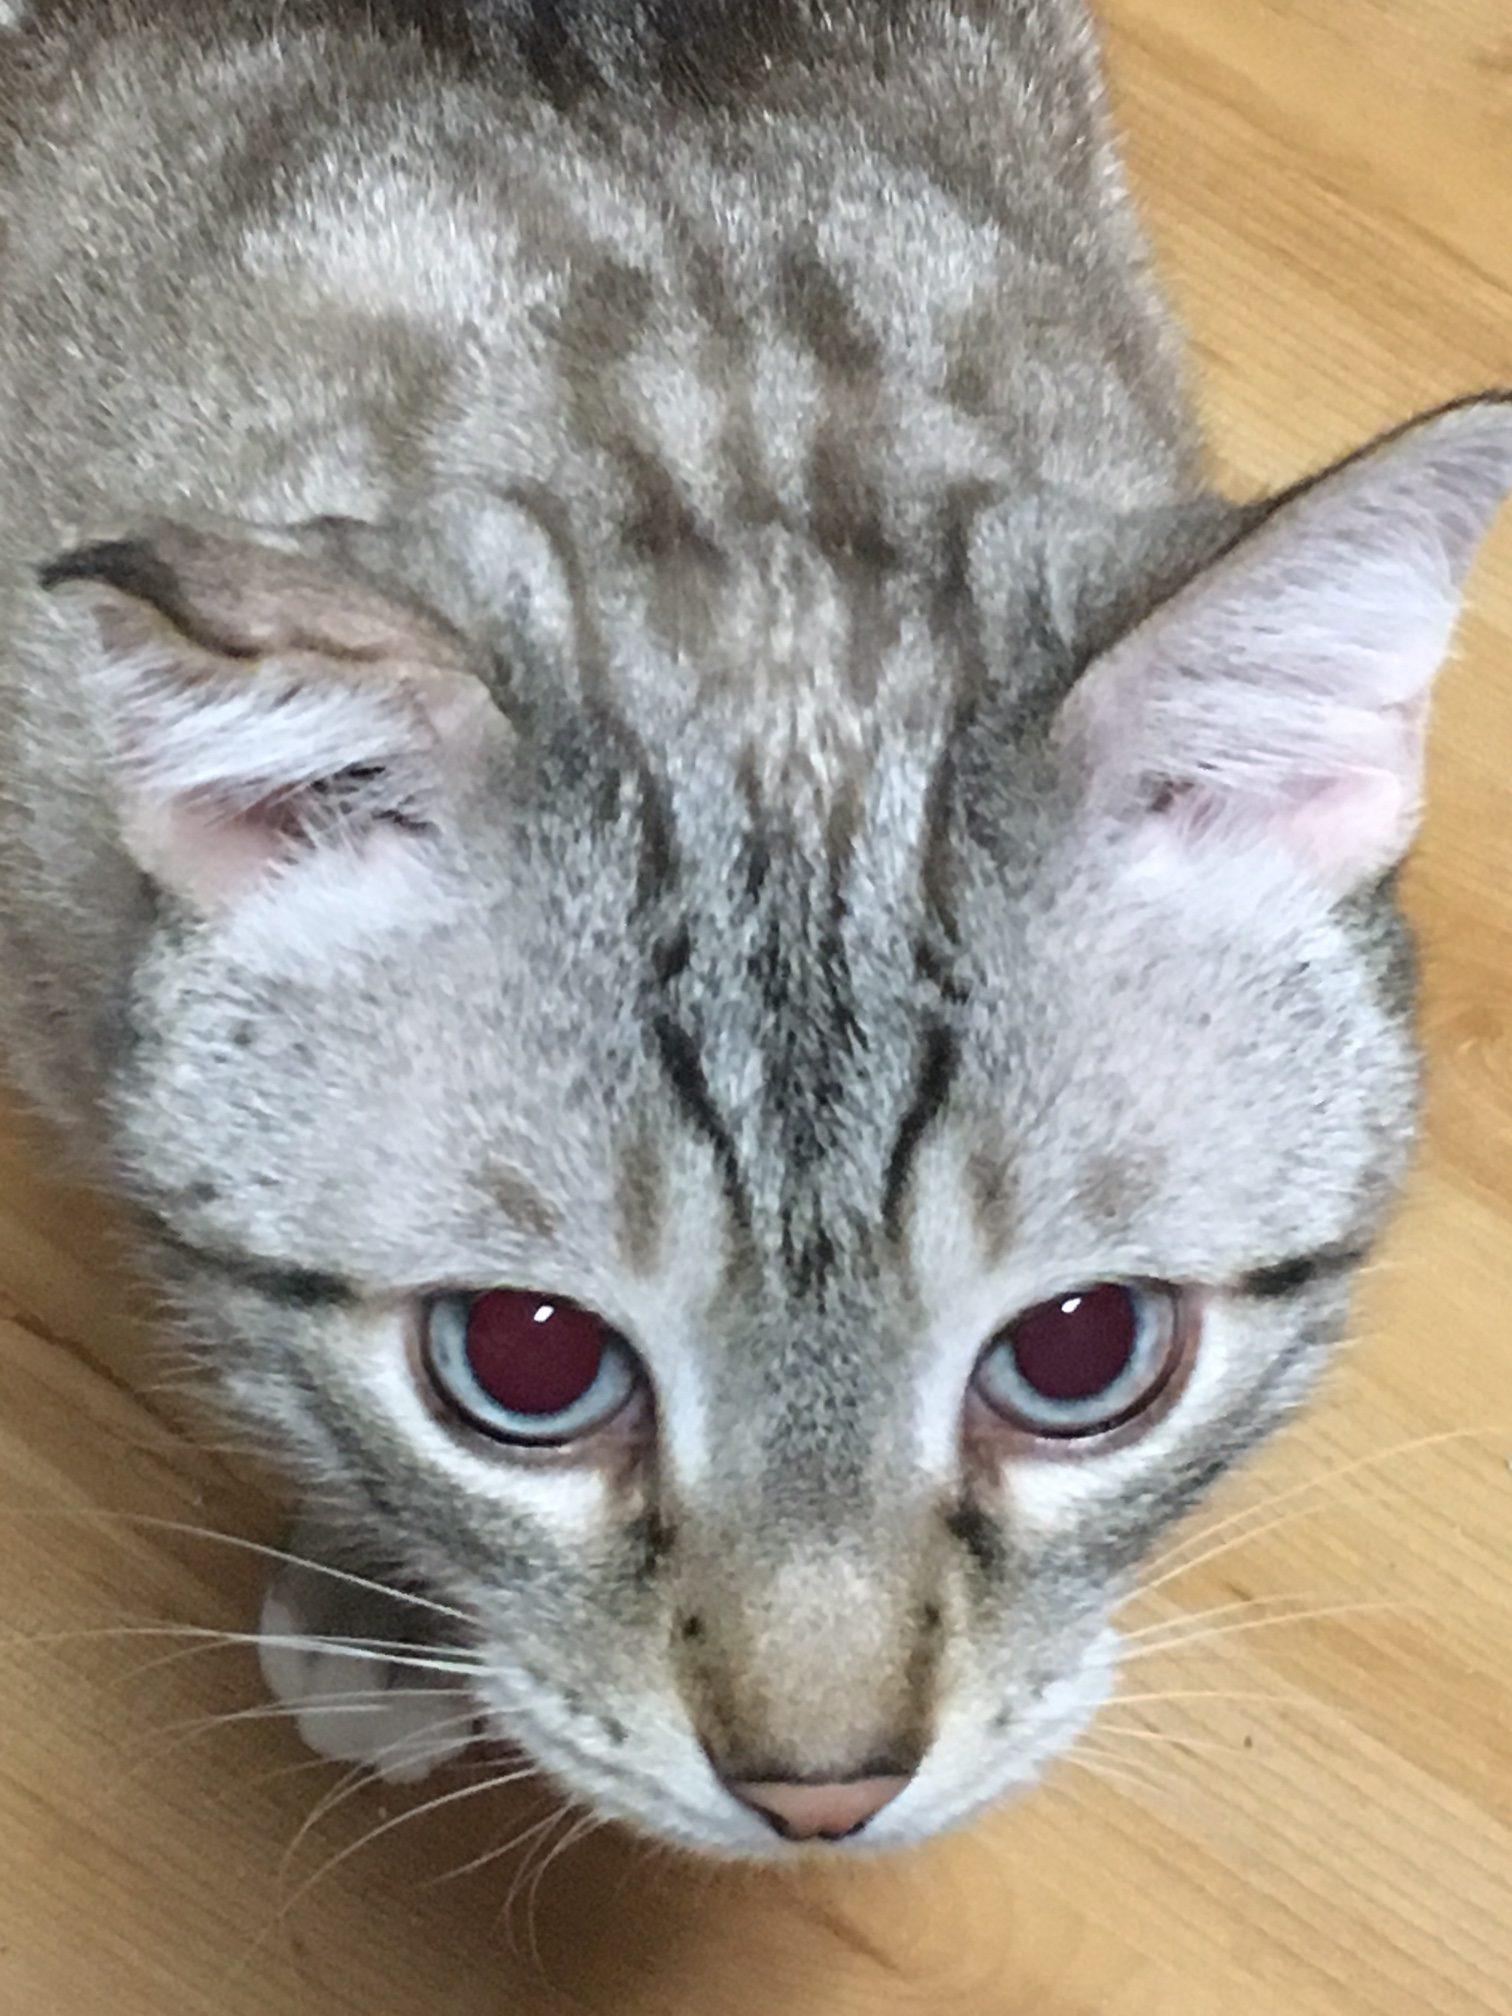 Another Requisite Cat Post - J. M. Levinton